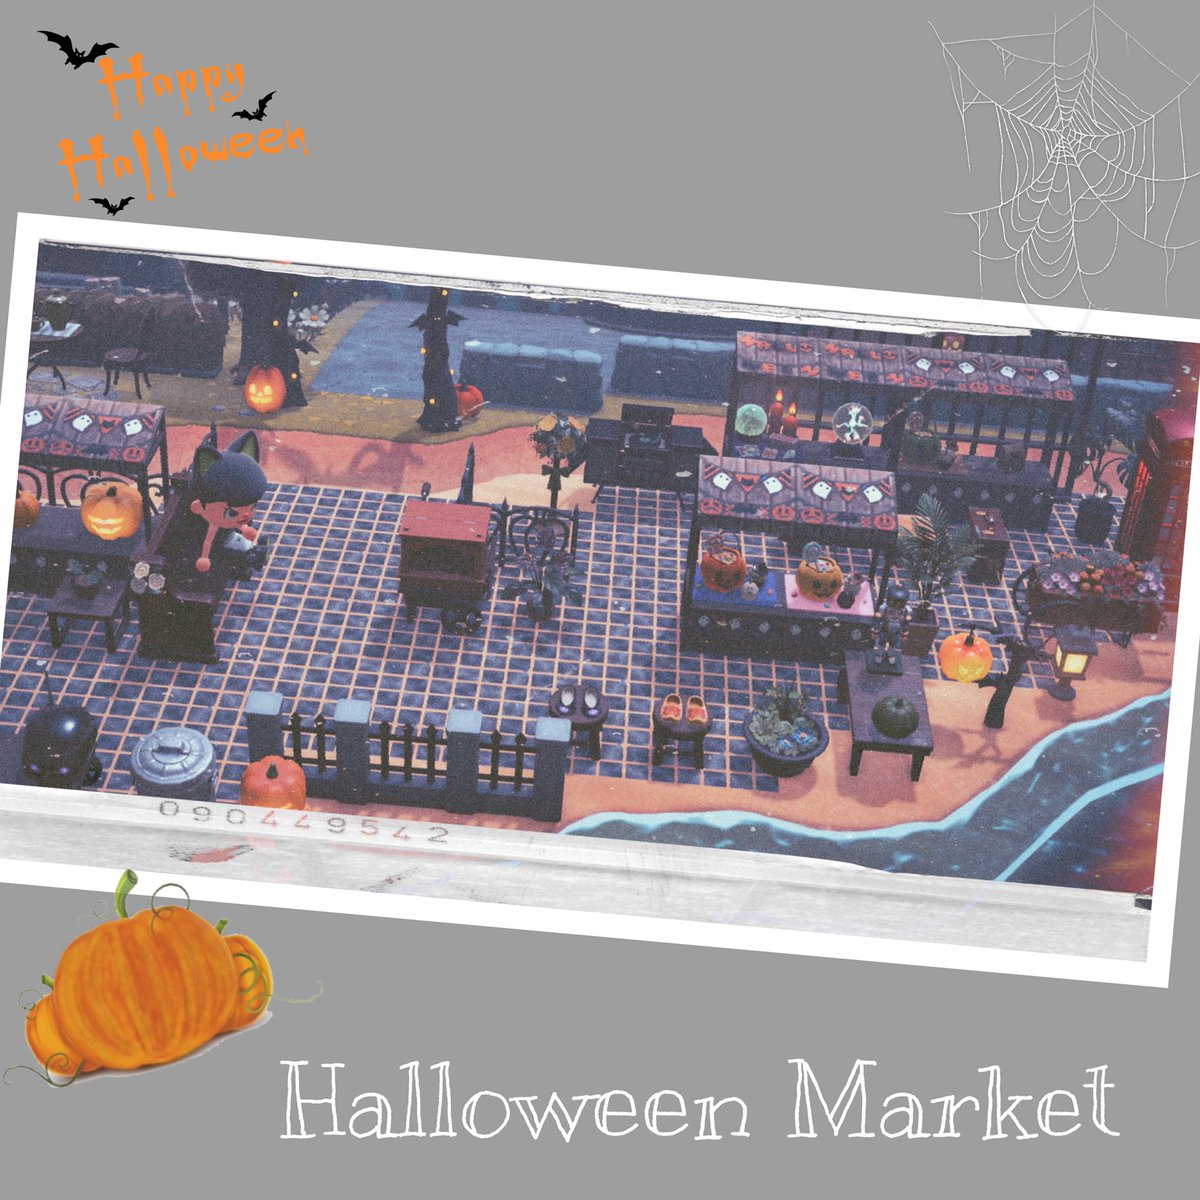 めちゃくちゃ遅いハロウィン準備開始😫💦 ハロウィン一緒に遊んでくれるお友達とお話ししてて思いついたハロウィンマーケットを頑張って作りました(゚‐゚*) (屋台のマイデザも折角なので登録しましたので誰かに気になって貰えたらなぁと🥺) #あつ森写真部 #マイデザイン #ACNHDesigns #Halloween